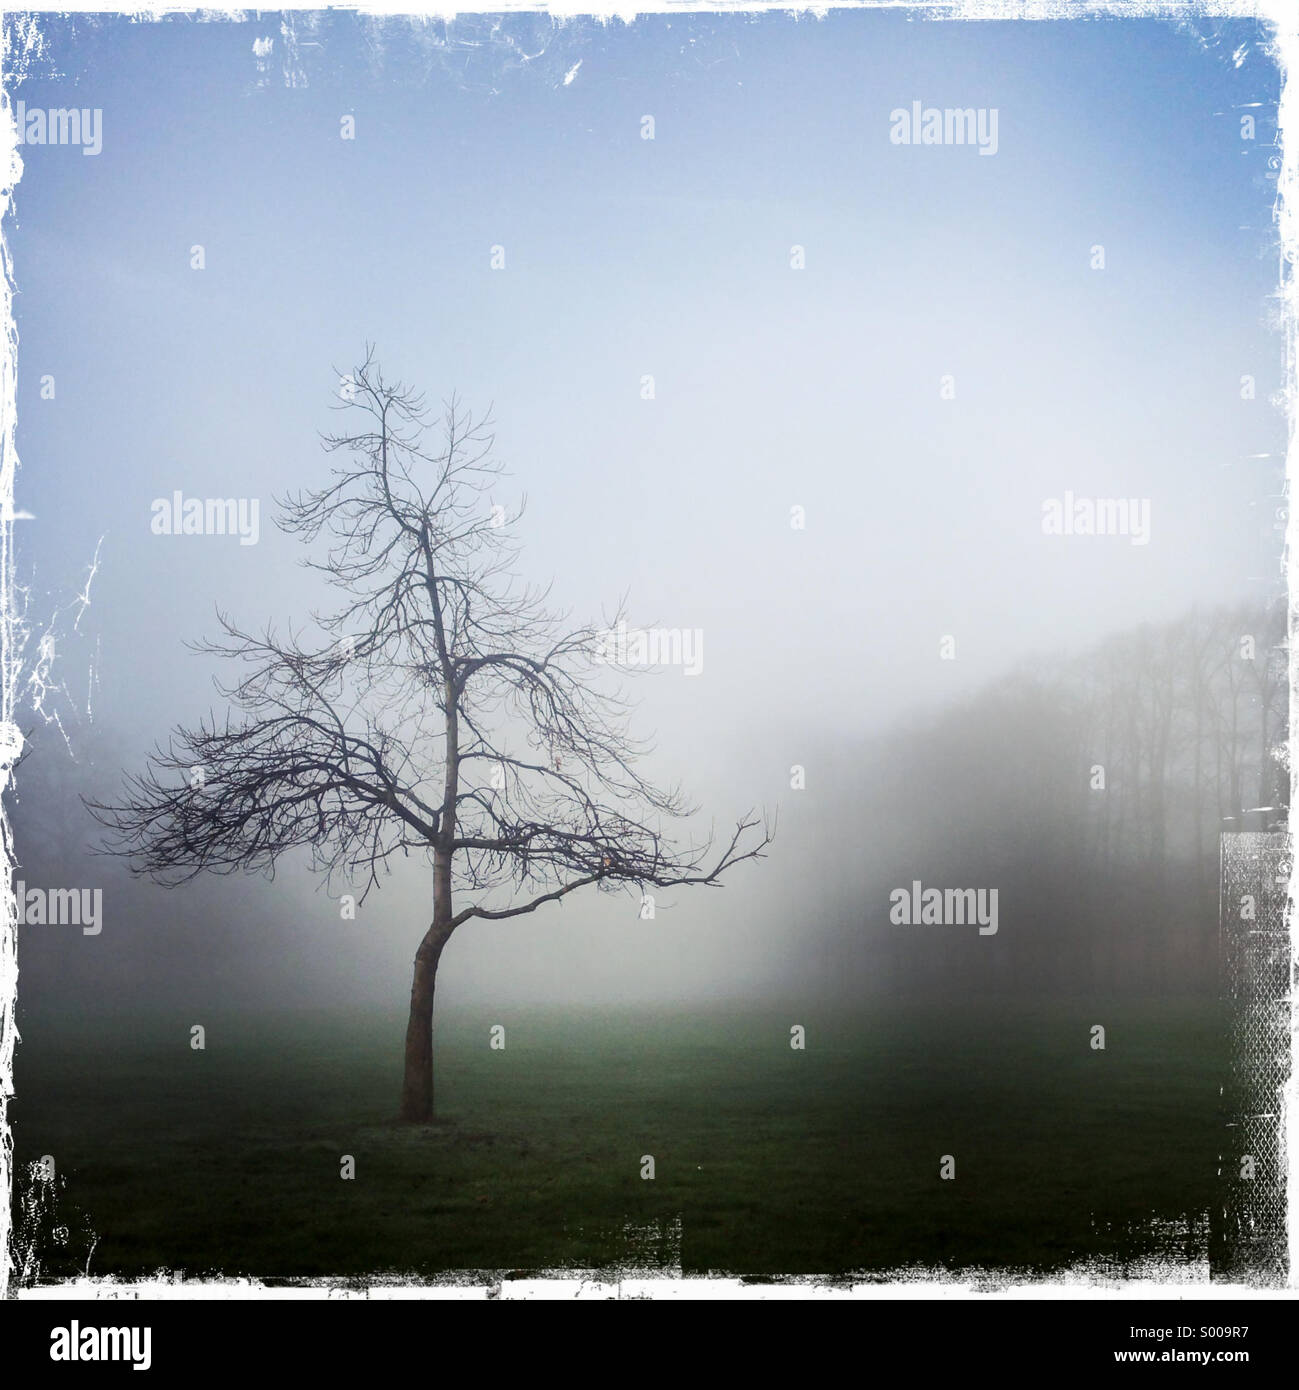 Albero isolato nella nebbia Immagini Stock